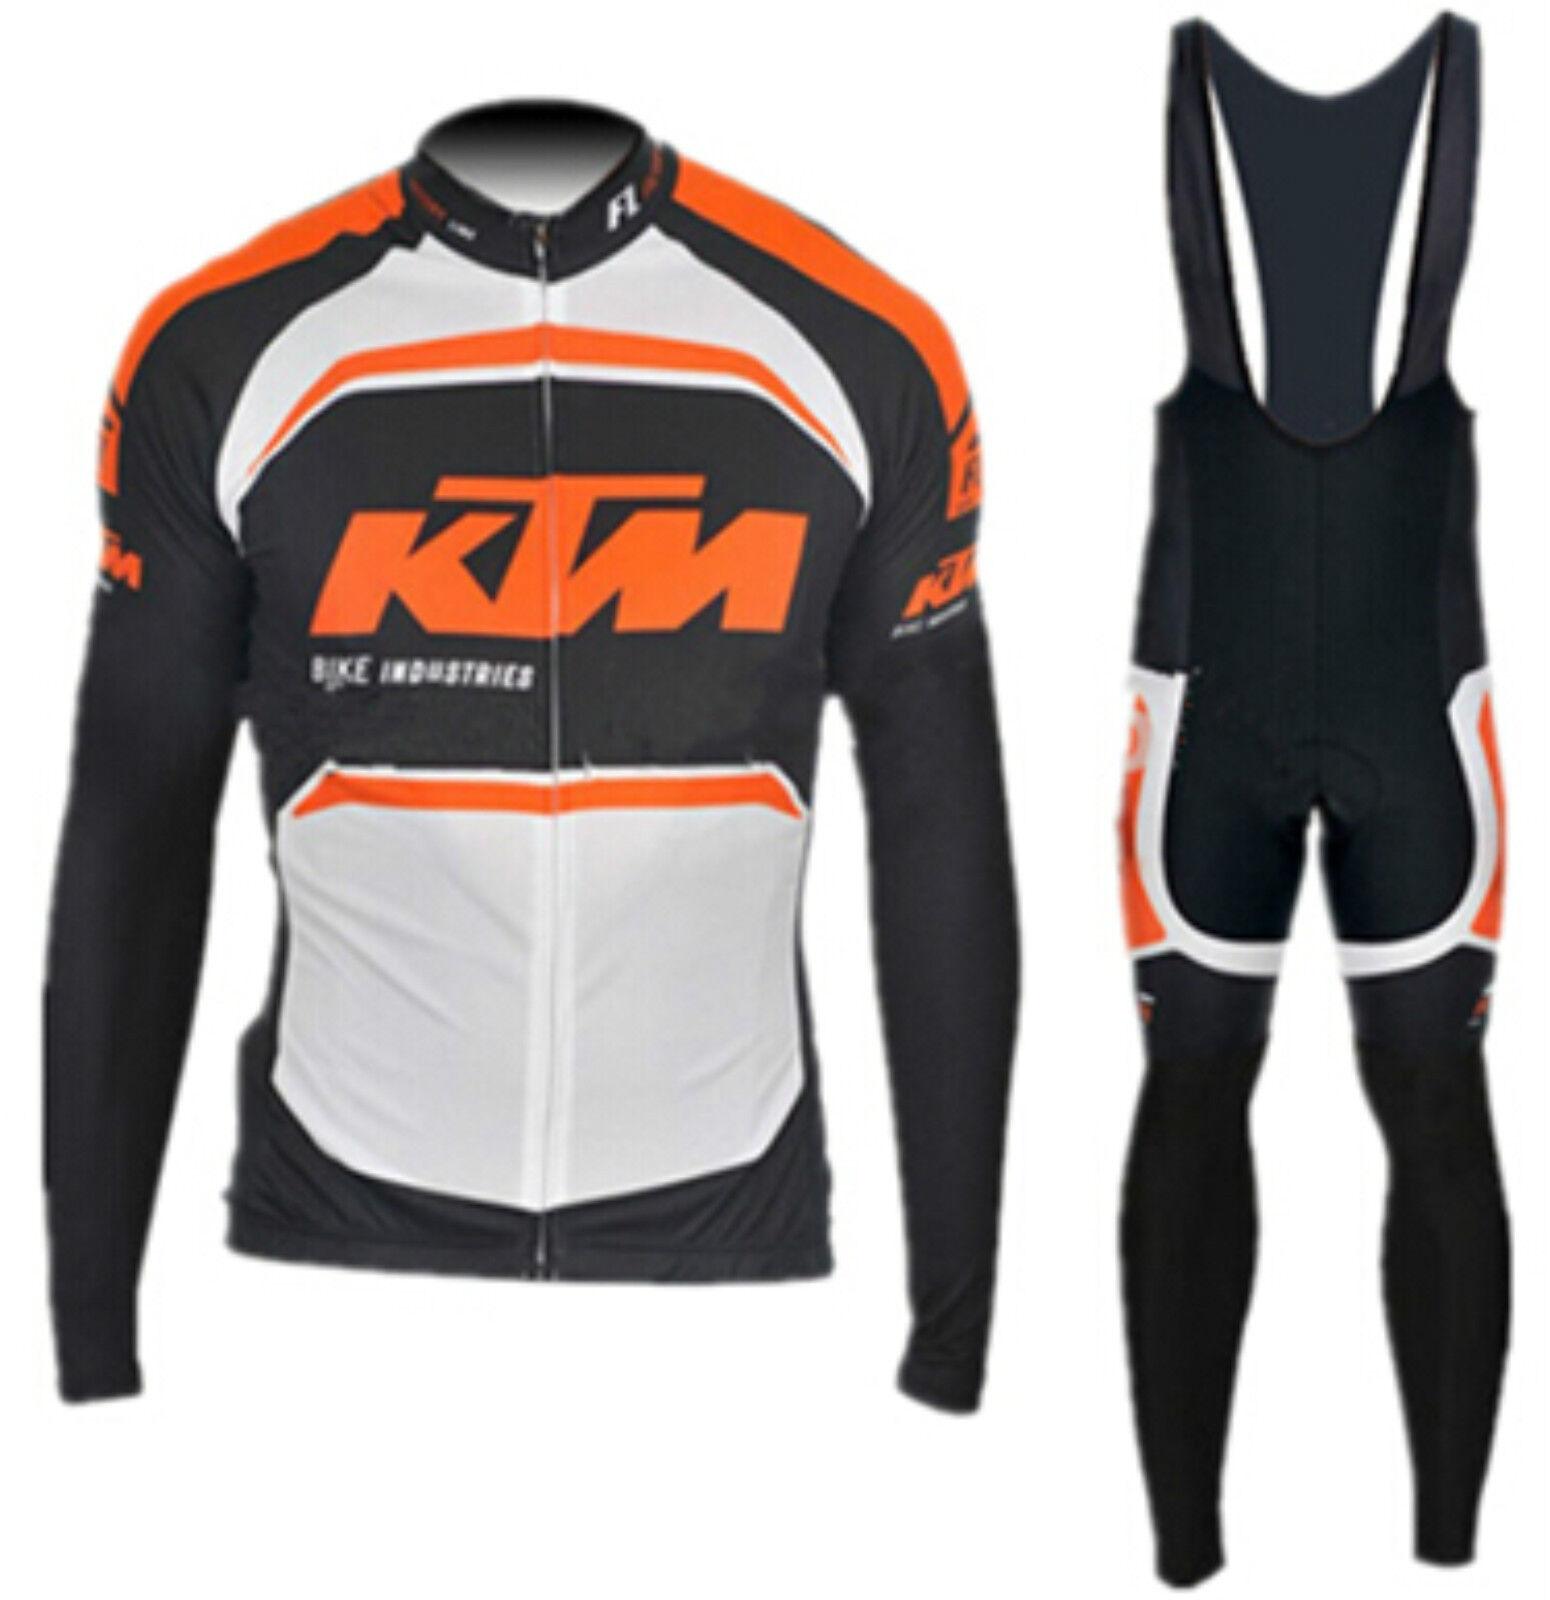 Ropa de cicilsimo KTM - Lanzamiento Maillot, culote, LARGO